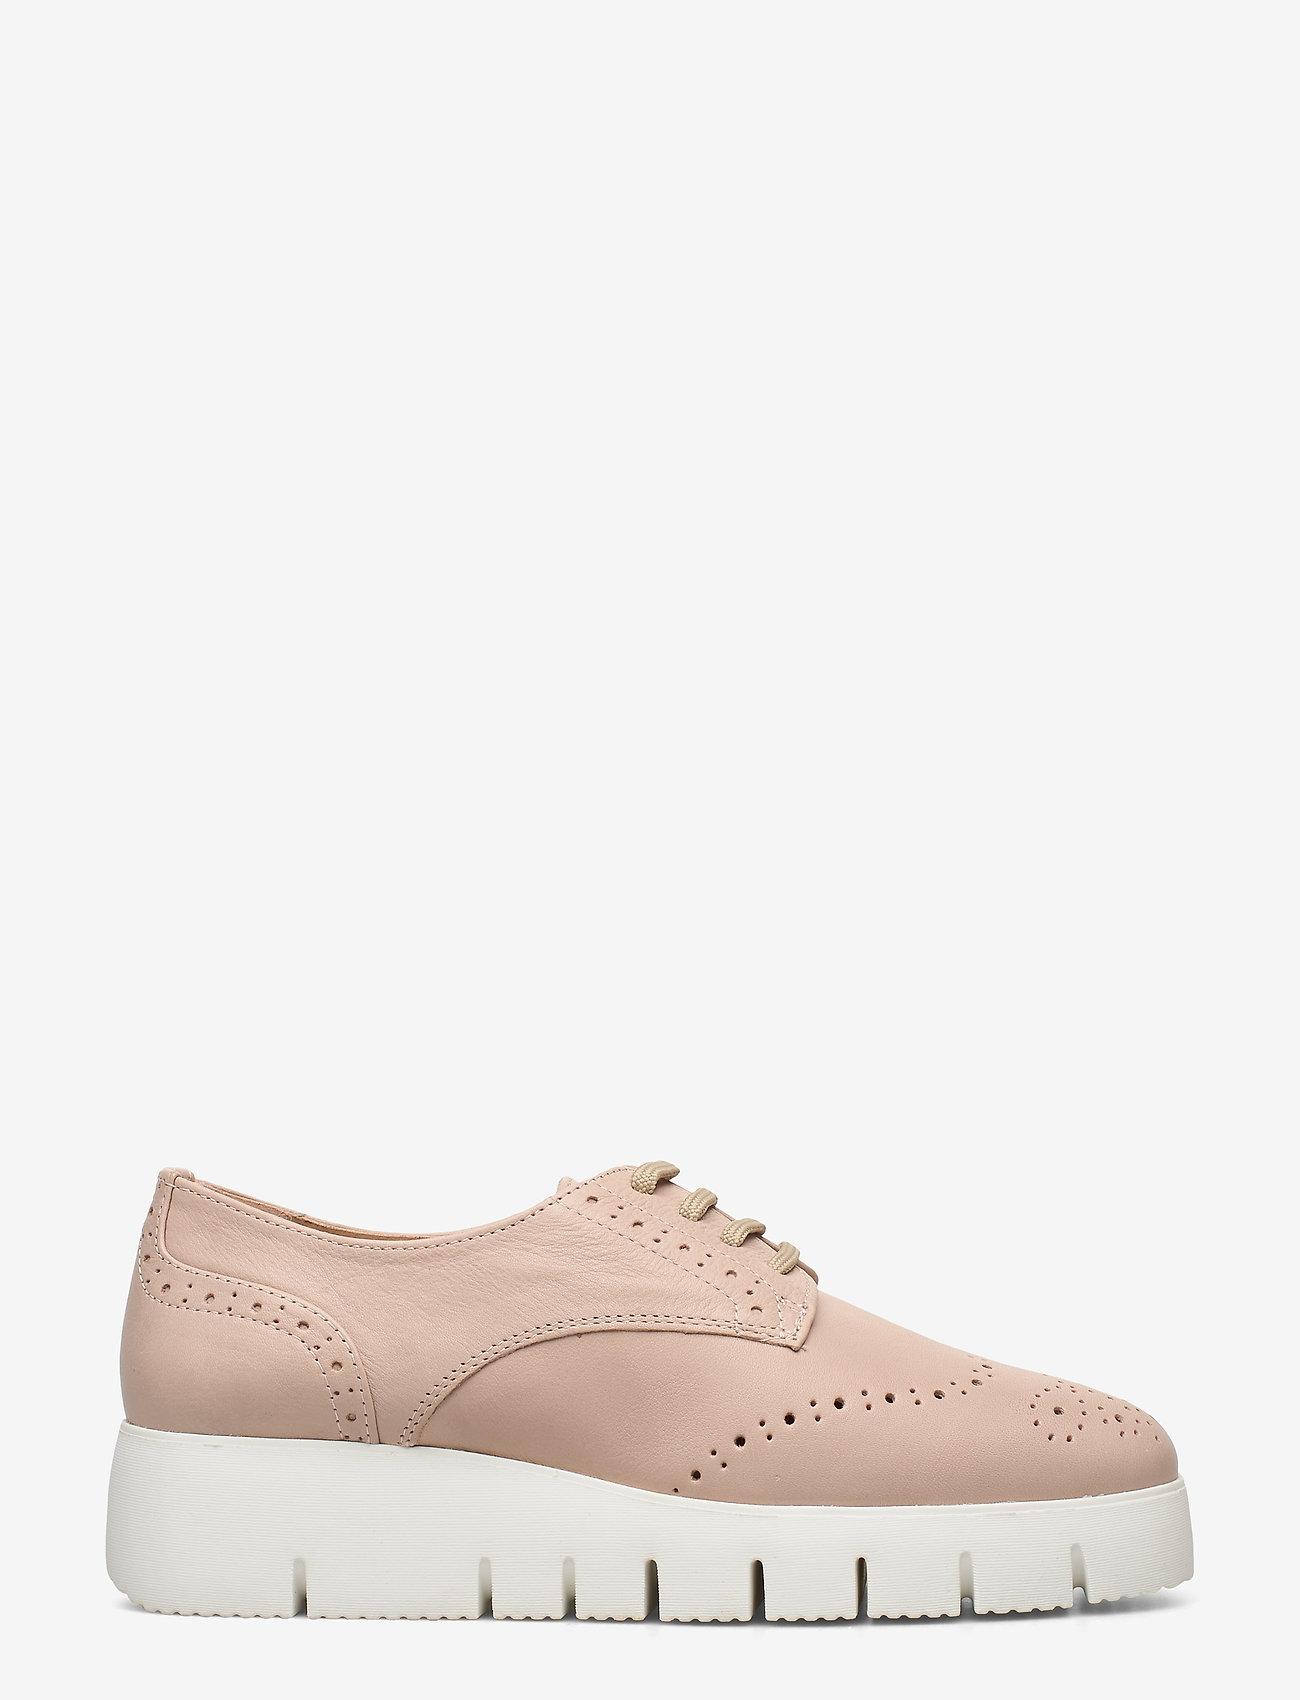 UNISA - FERRAZ_STY - buty sznurowane - pale - 1